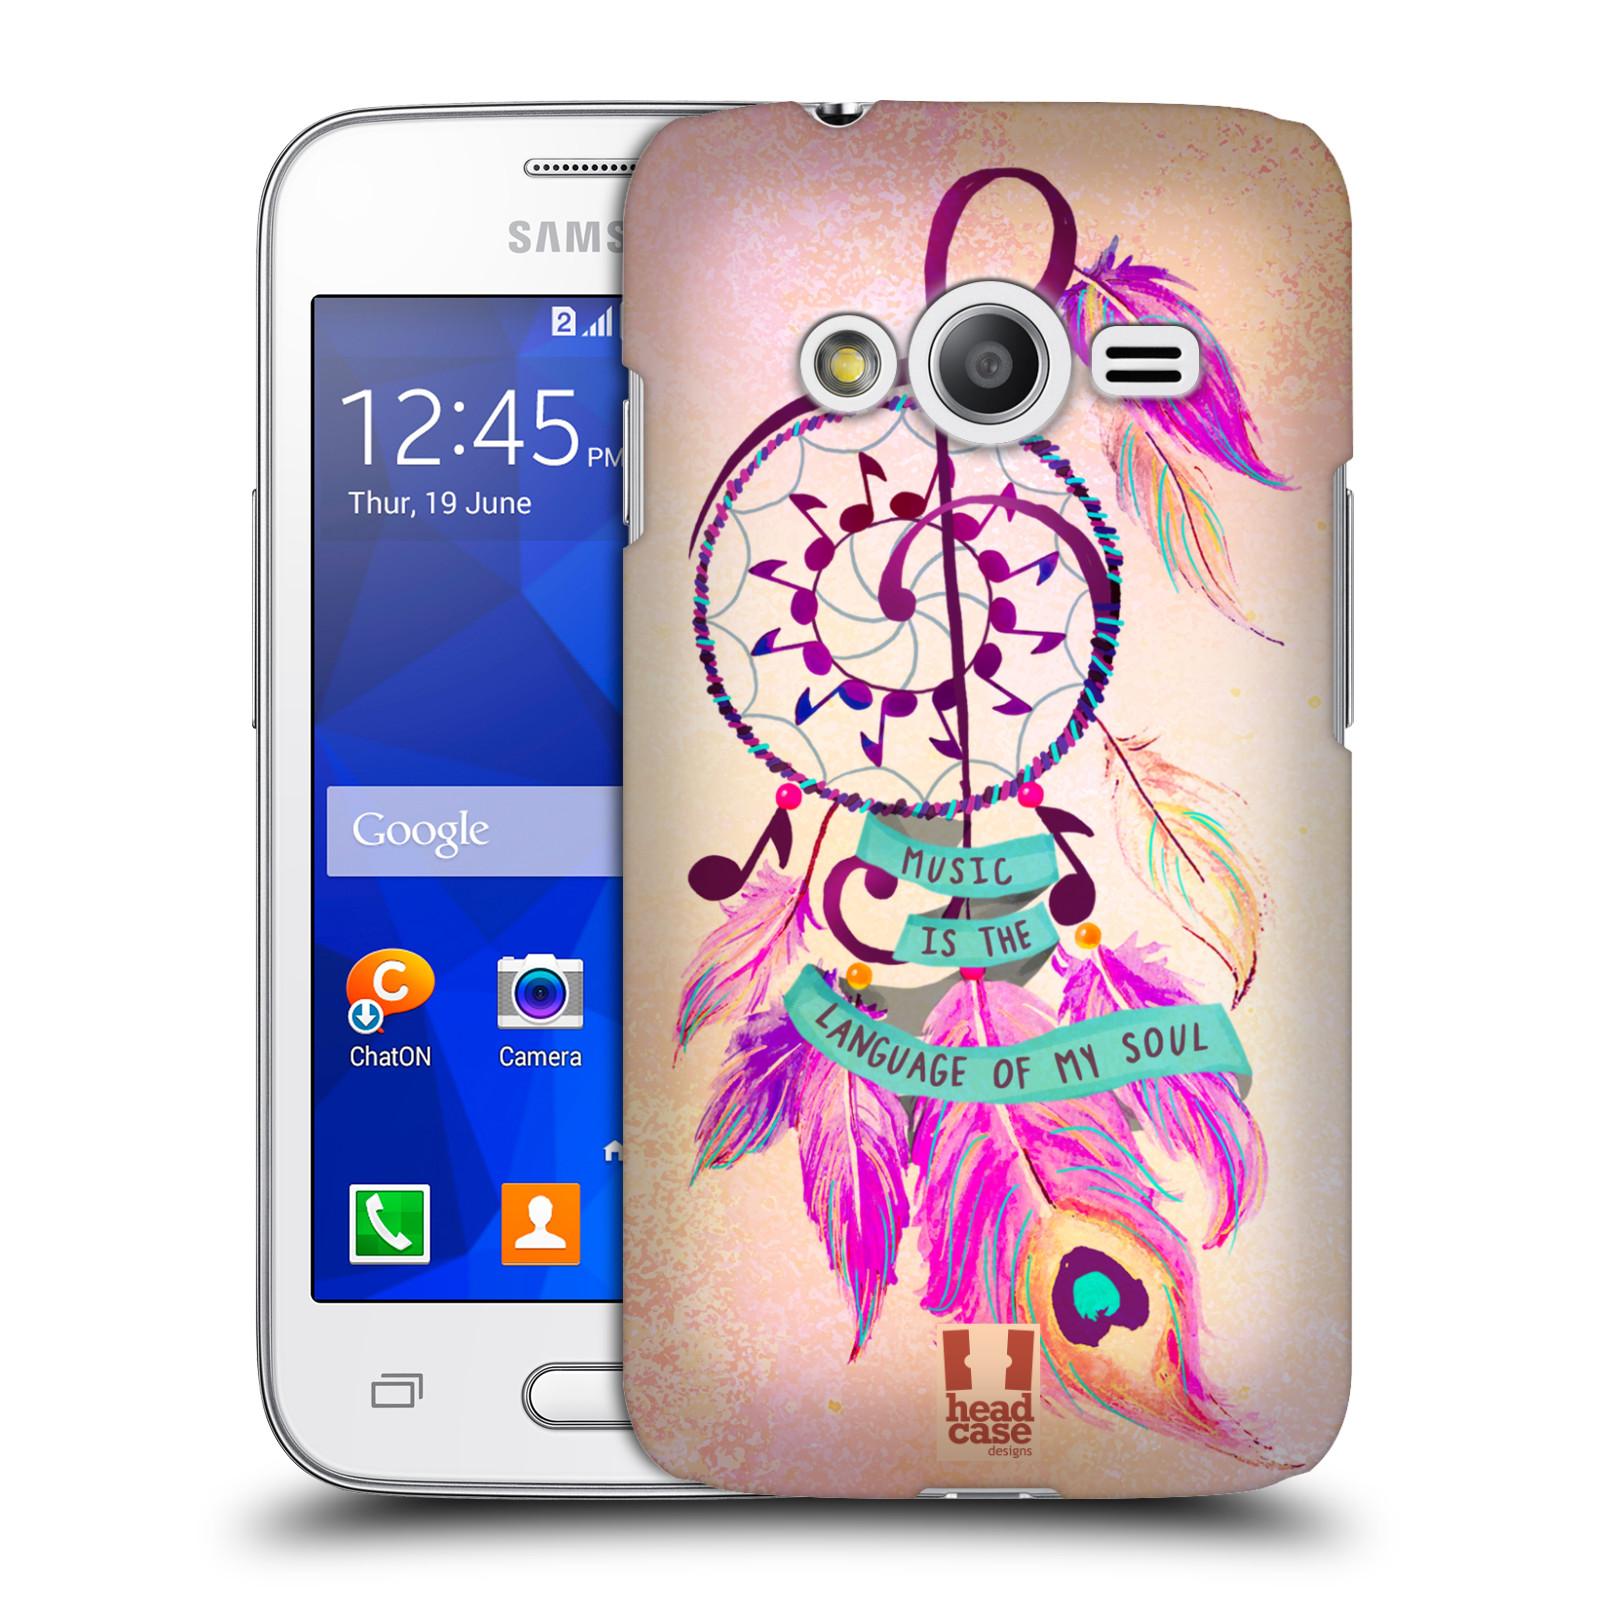 Plastové pouzdro na mobil Samsung Galaxy Trend 2 Lite HEAD CASE Lapač Assorted Music (Kryt či obal na mobilní telefon Samsung Galaxy Trend 2 Lite SM-G318)